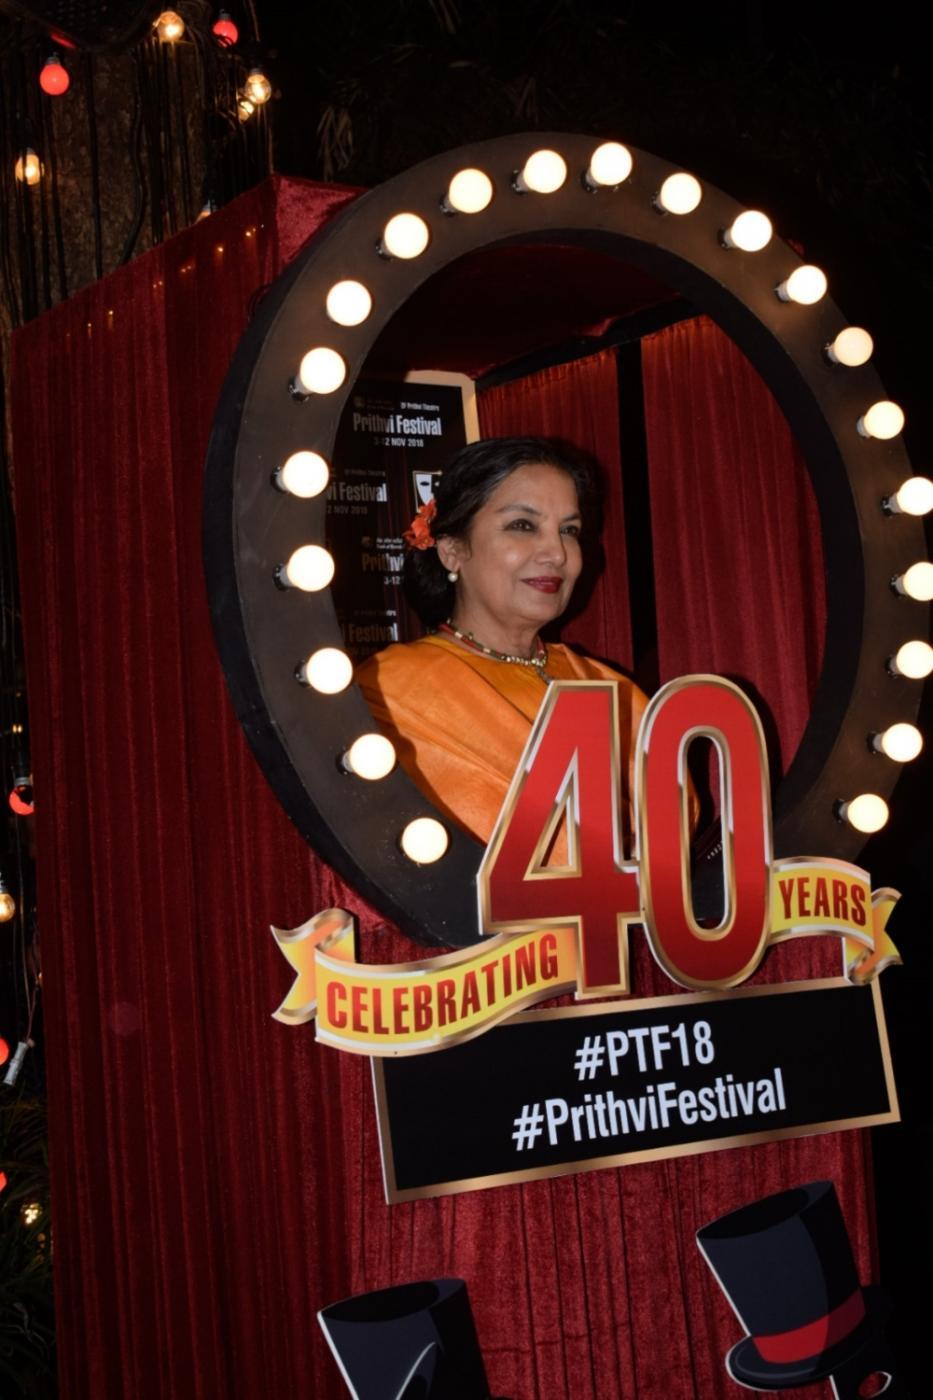 Mumbai: Actress Shabana Azmi at the 40th anniversary celebration of the Prithvi Theatre in Mumbai on Nov 5, 2018. (Photo: IANS) by .